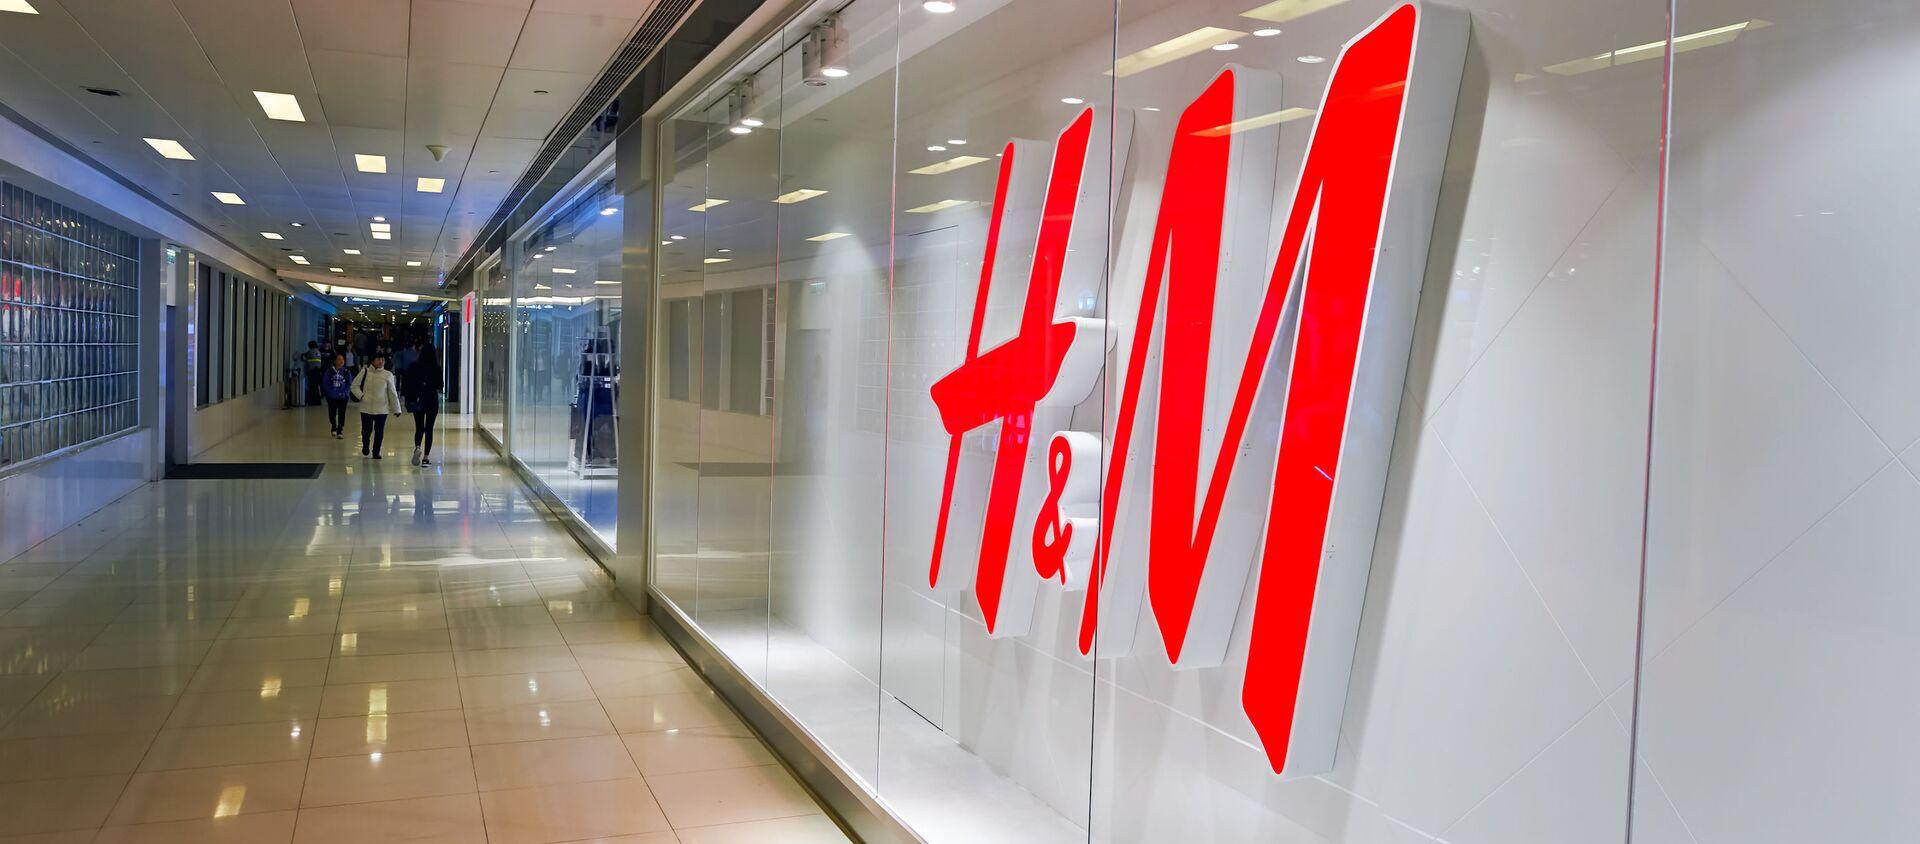 中国の商業センター 続々とH&M店舗閉鎖へ 新疆産綿花問題を受けて - Sputnik 日本, 1920, 28.03.2021